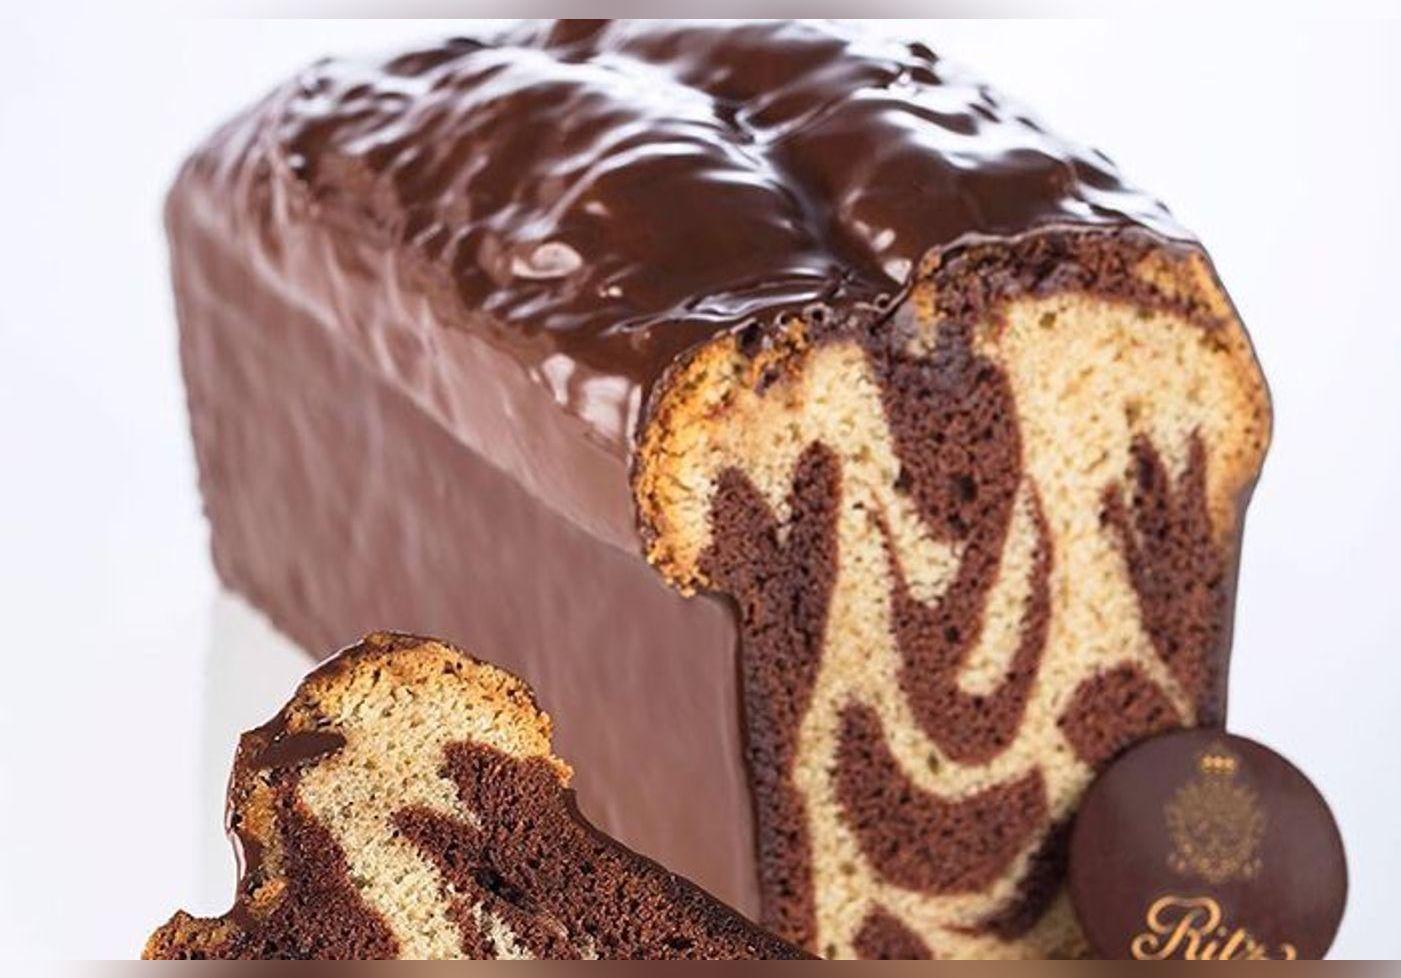 Mercotte révèle la recette du cake marbré du Ritz signée du meilleur chef pâtissier du monde… Une saveur d'antan, un goût d'enfance